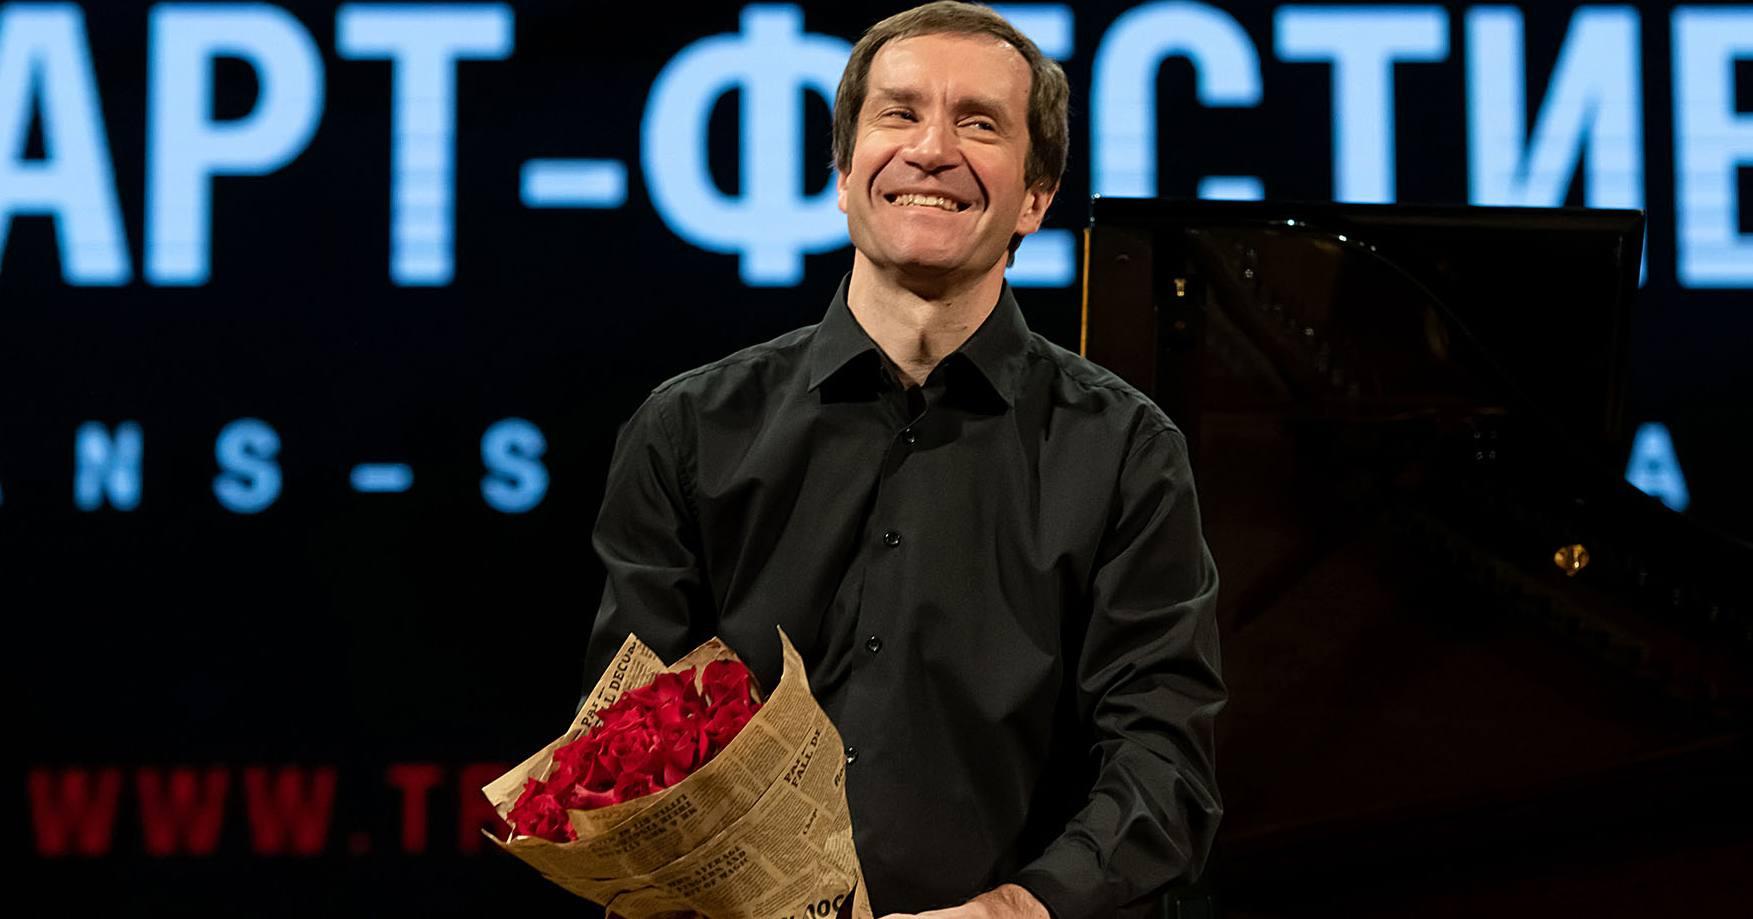 Сольный концерт всемирно известного пианиста Николая Луганского произвёл фурор на Транссибирском арт-фестивале в Новосибирске